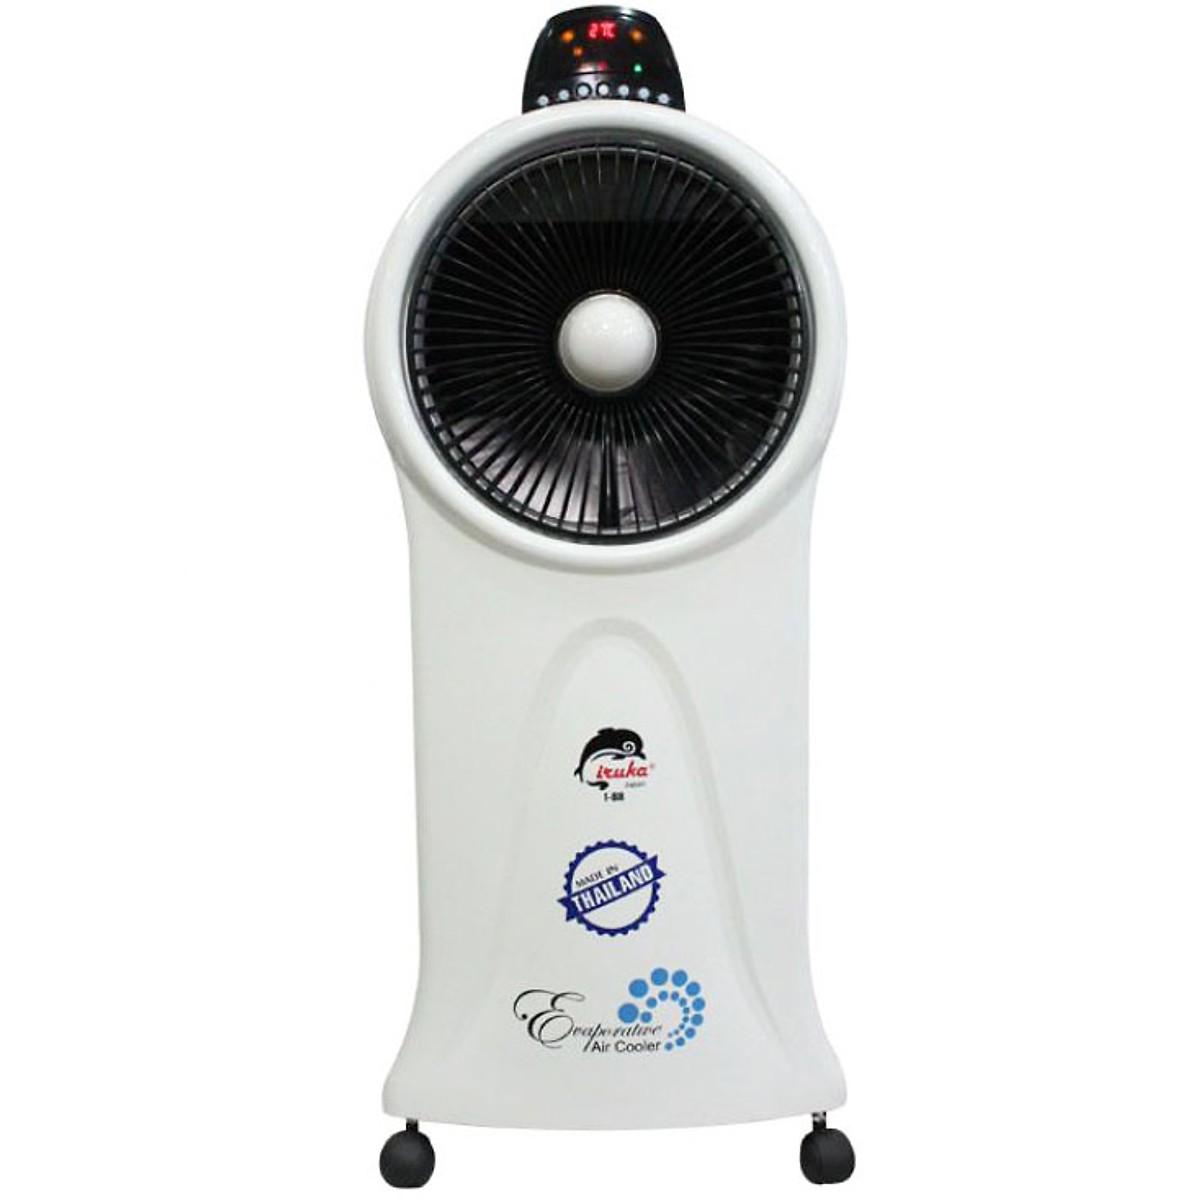 [Tư vấn] Chọn mua quạt điều hòa, quạt phun sương hơi nước loại nào tốt nhất? 1